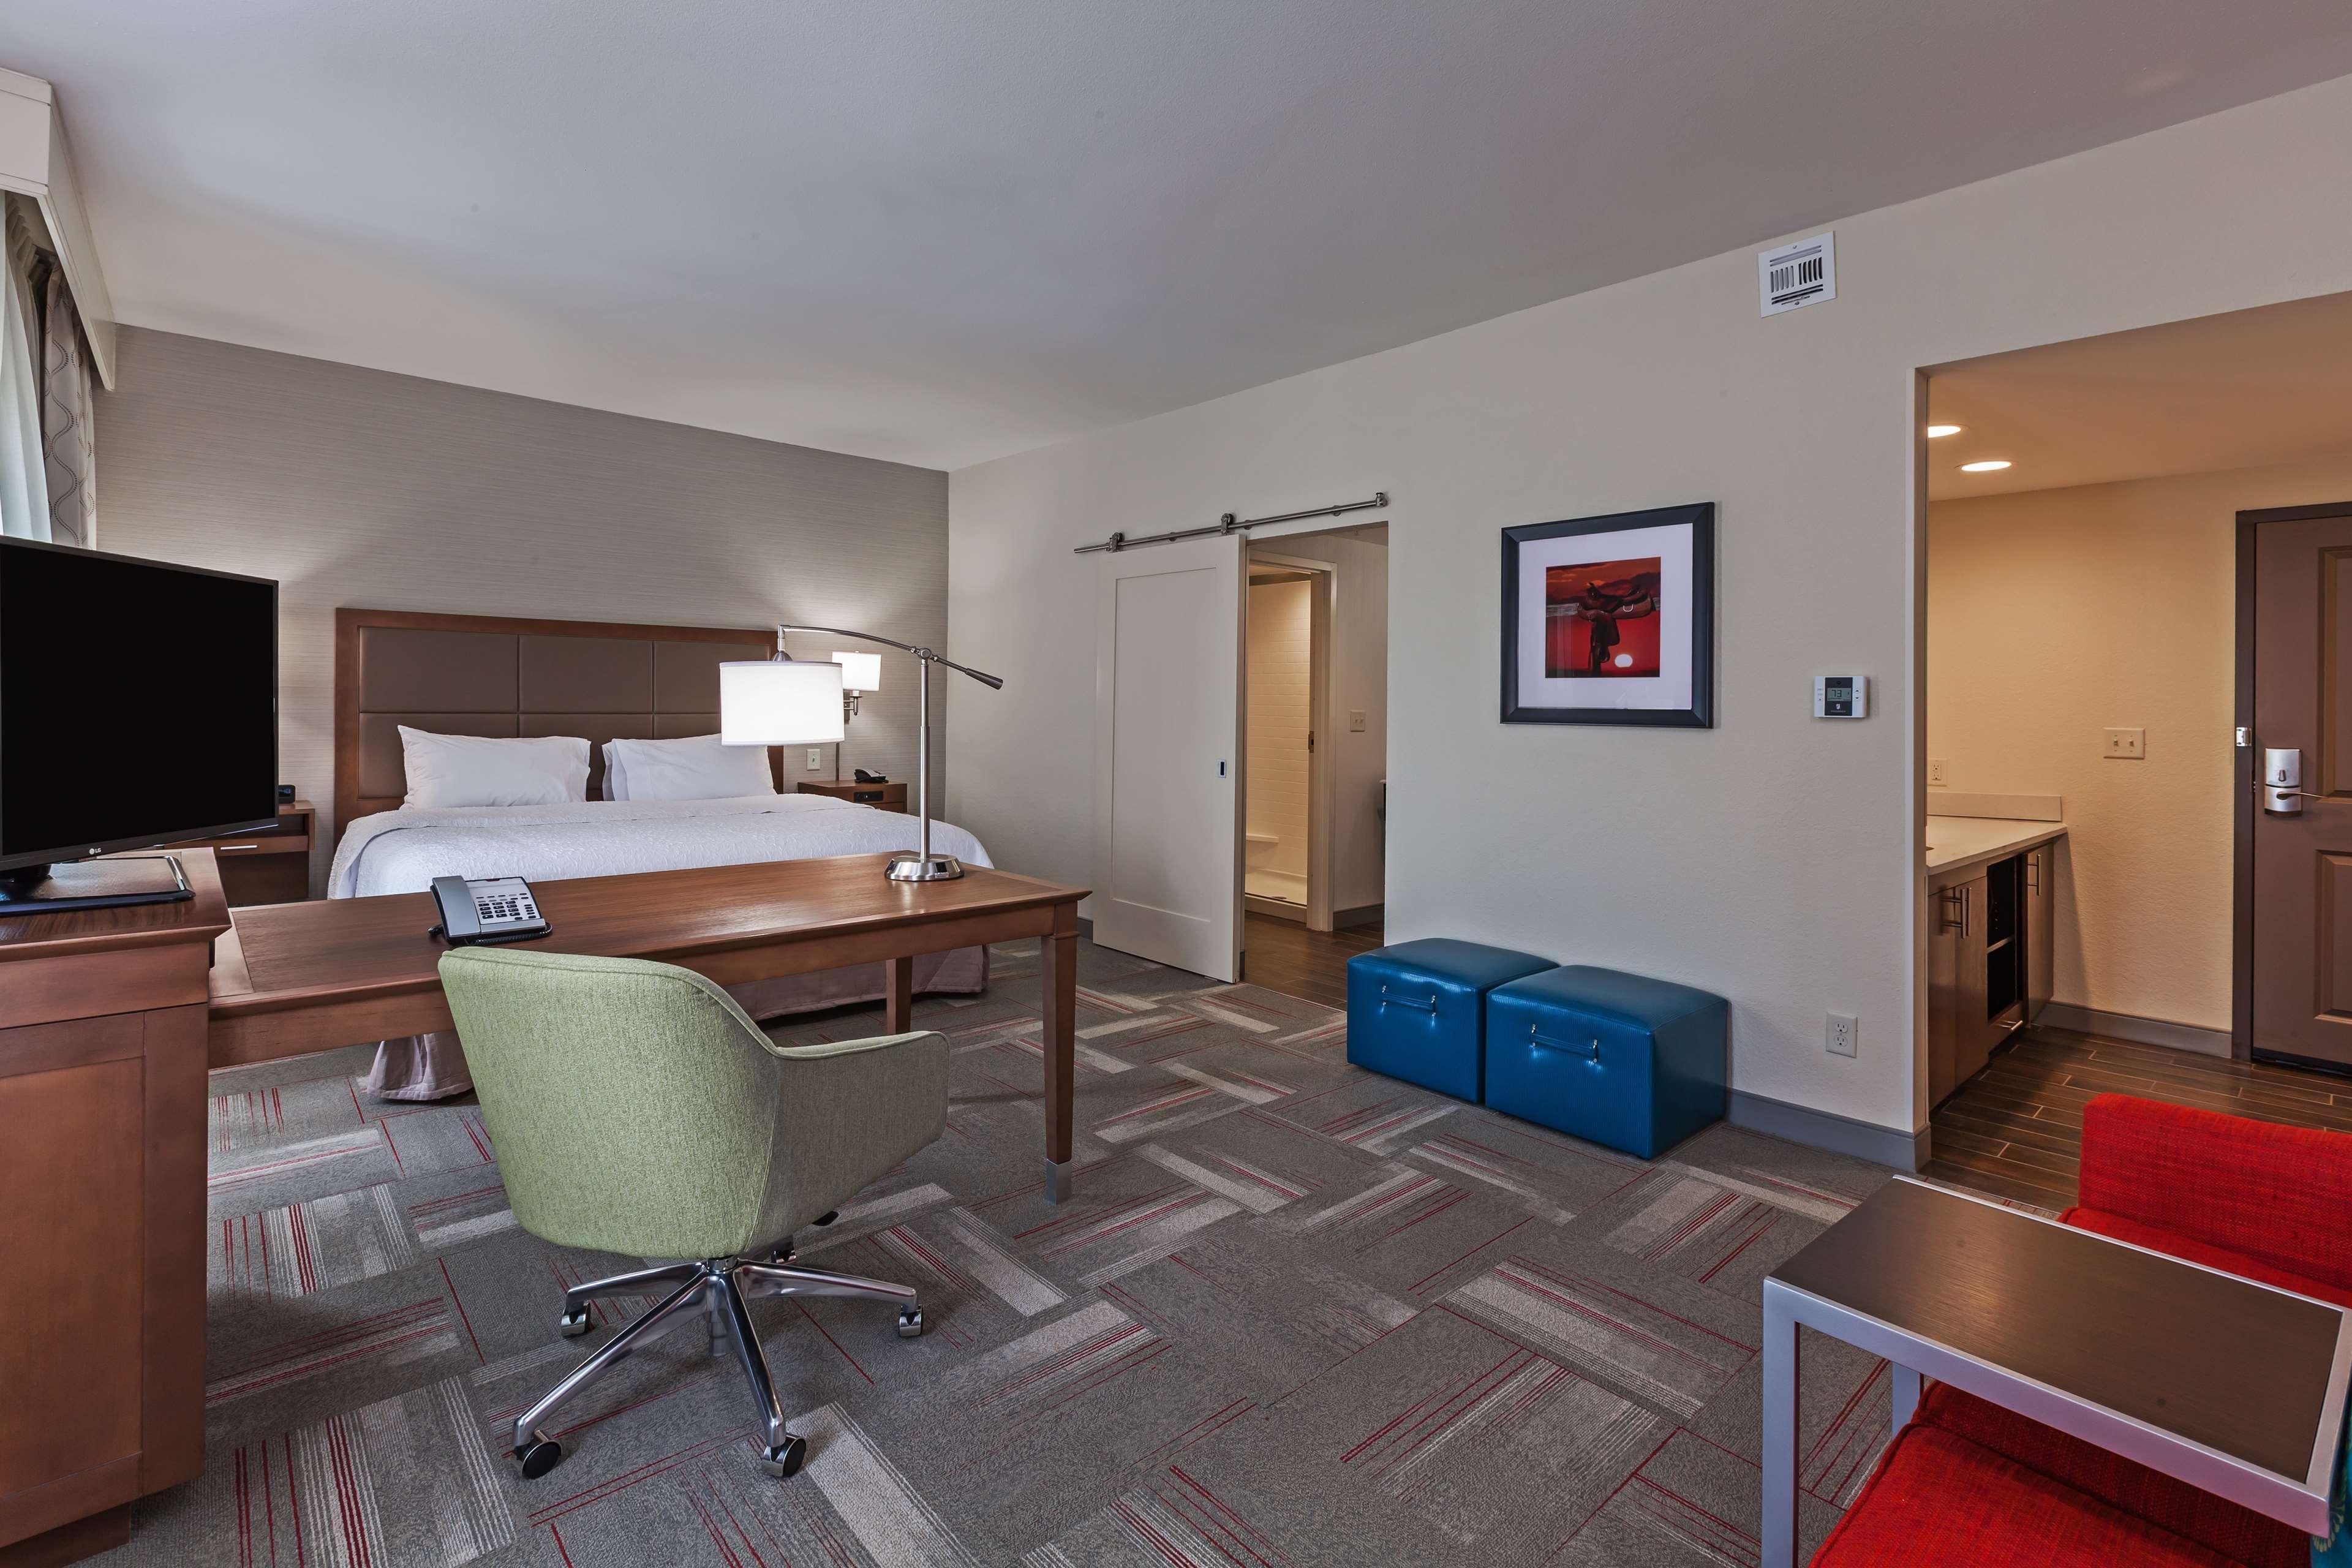 Hampton Inn & Suites Claremore image 21